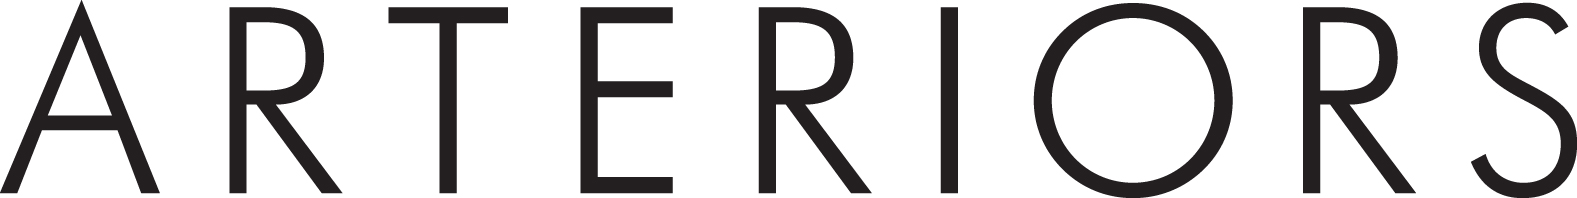 Arteriors Home Company Logo